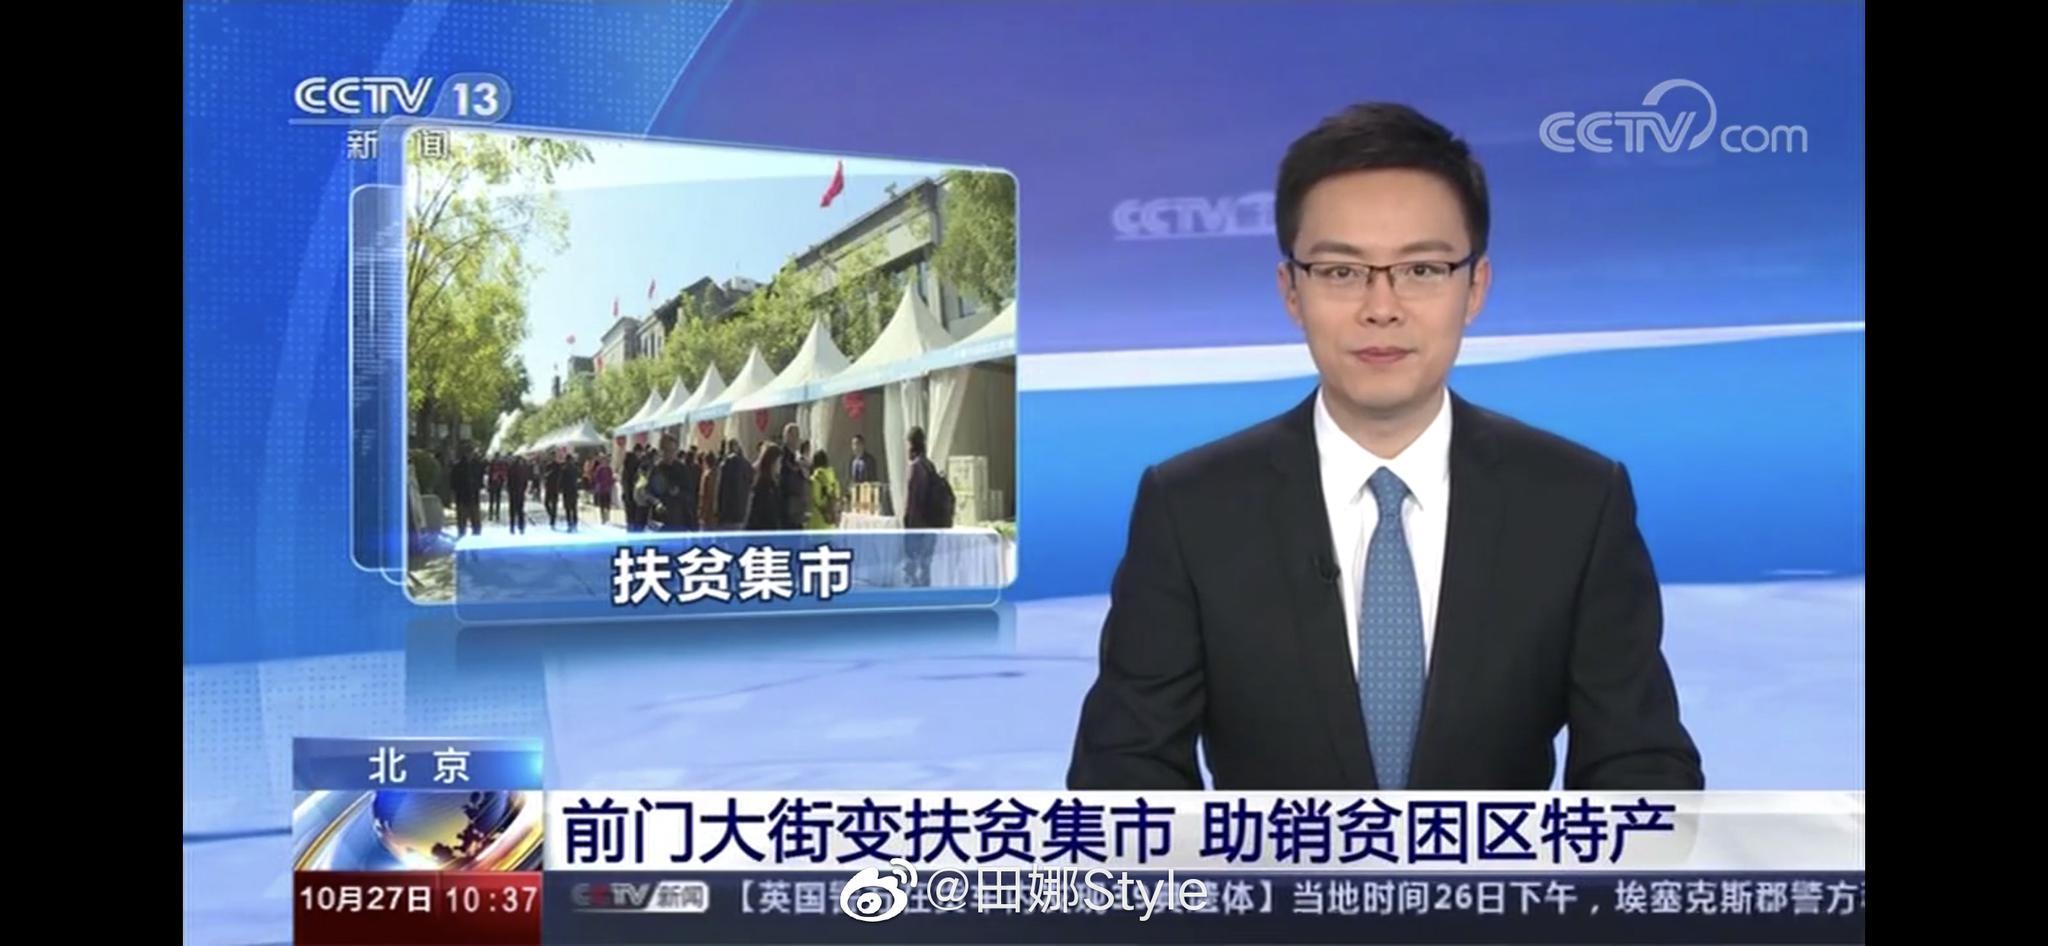 很高兴受邀主持北京市东城区扶贫协作和对口支援地区特色产品推介会暨